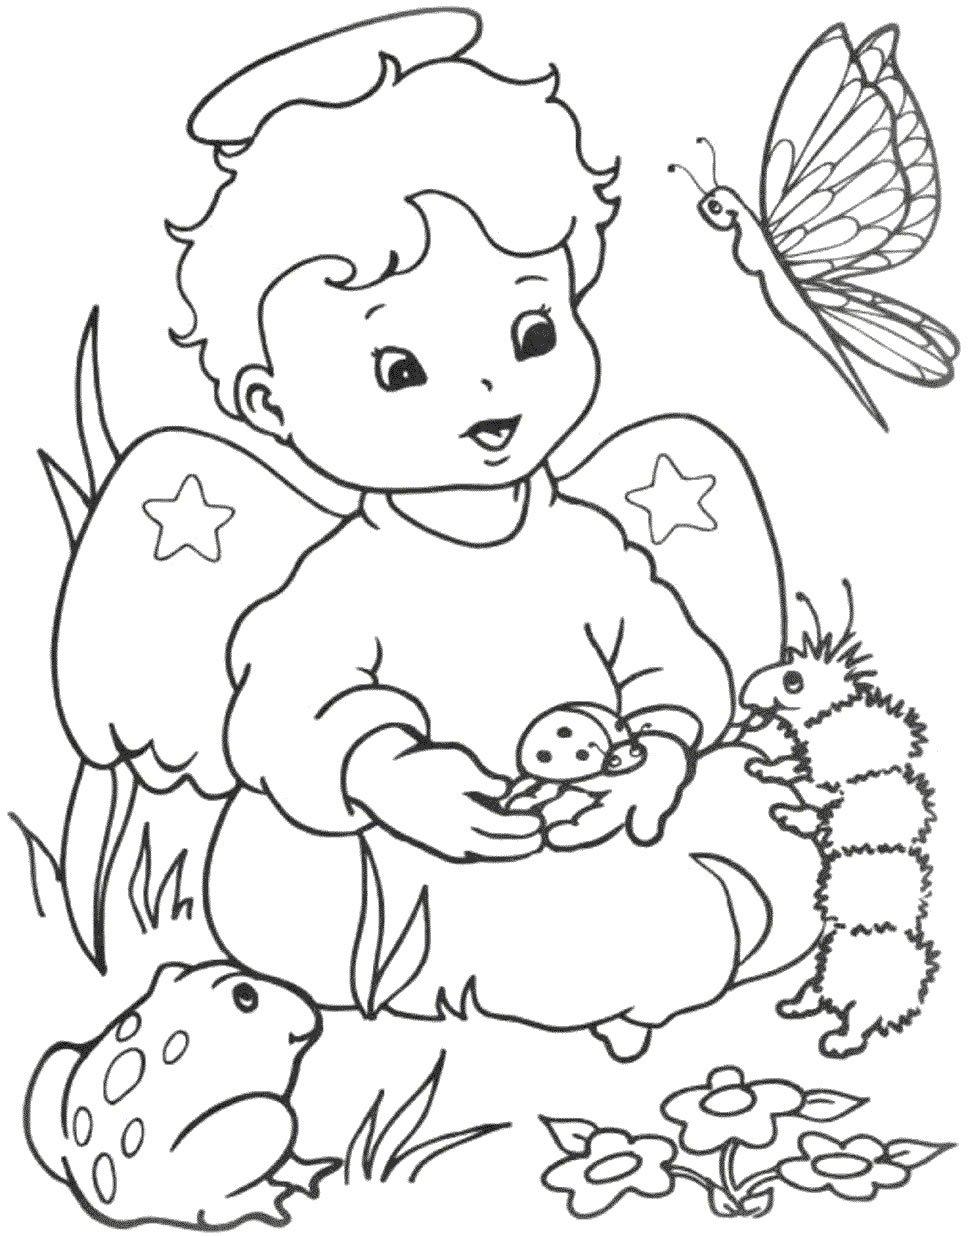 Criações Em E V A  Desenhos De Anjinhos Para Colorir